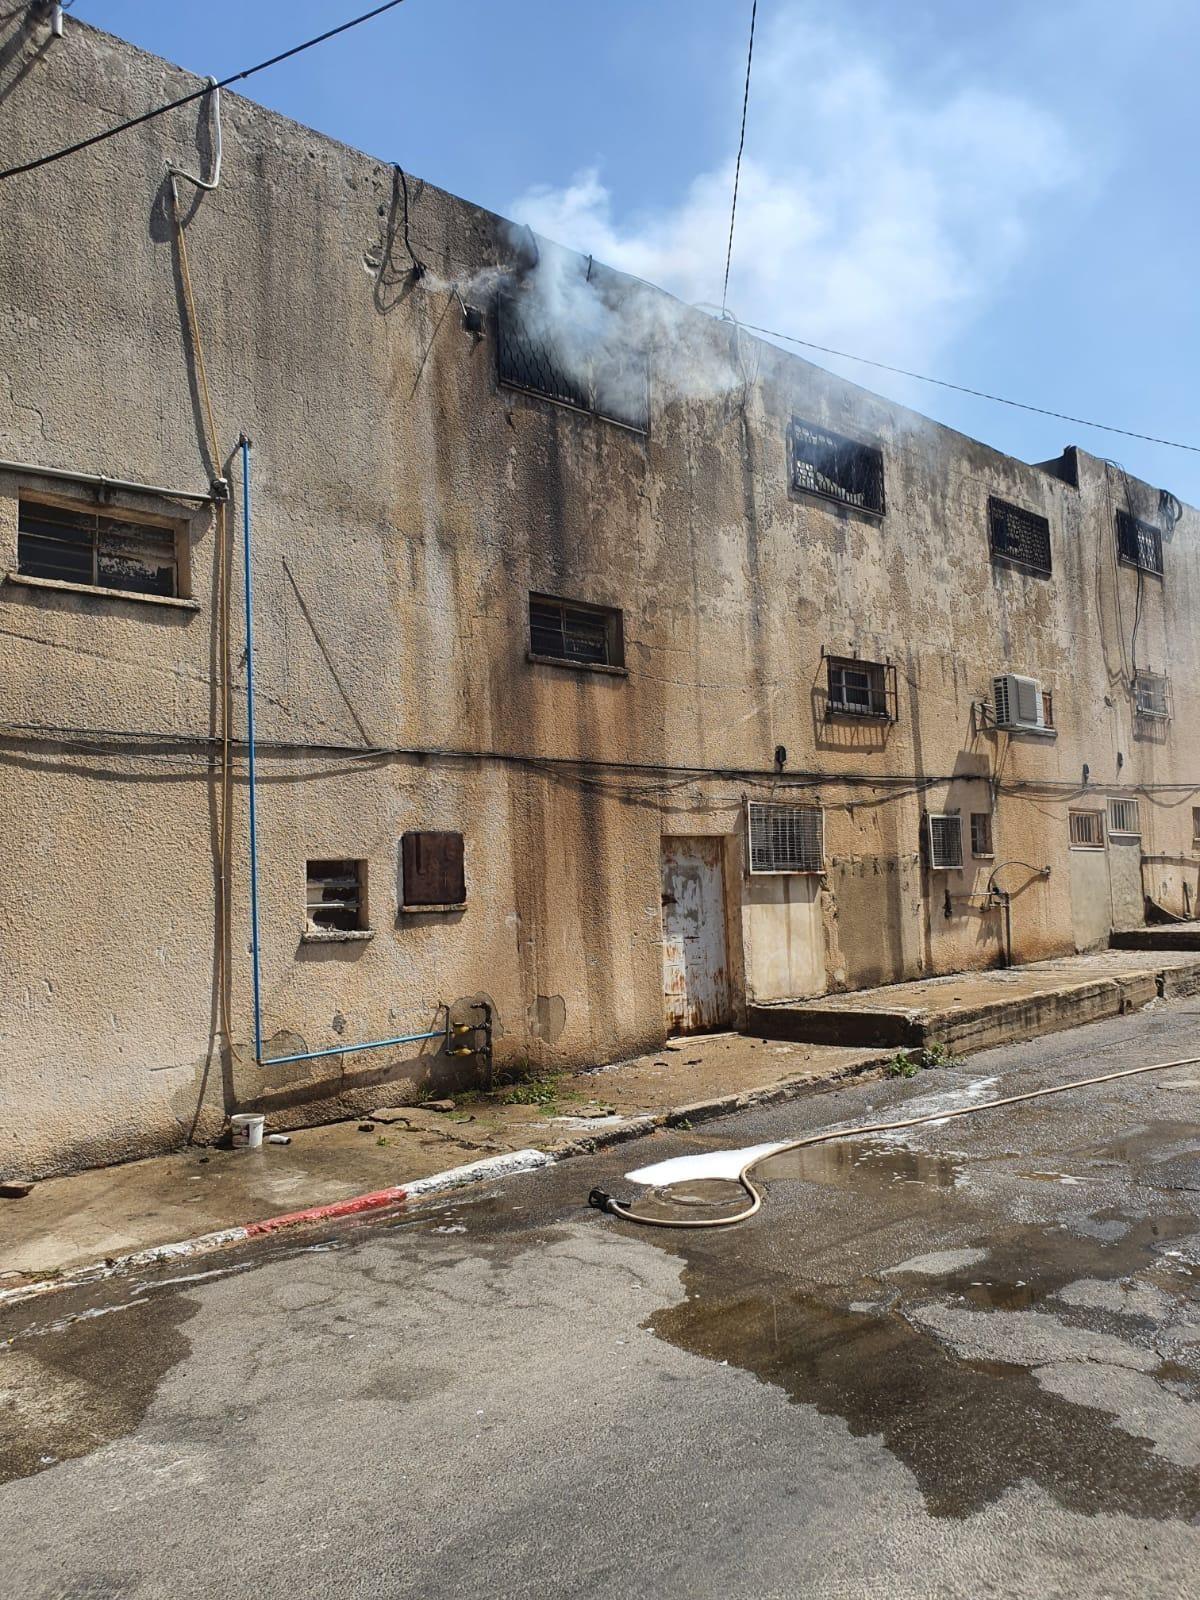 بالصور: اندلاع حريق في بلدية شفا عمرو بالجليل الغربي